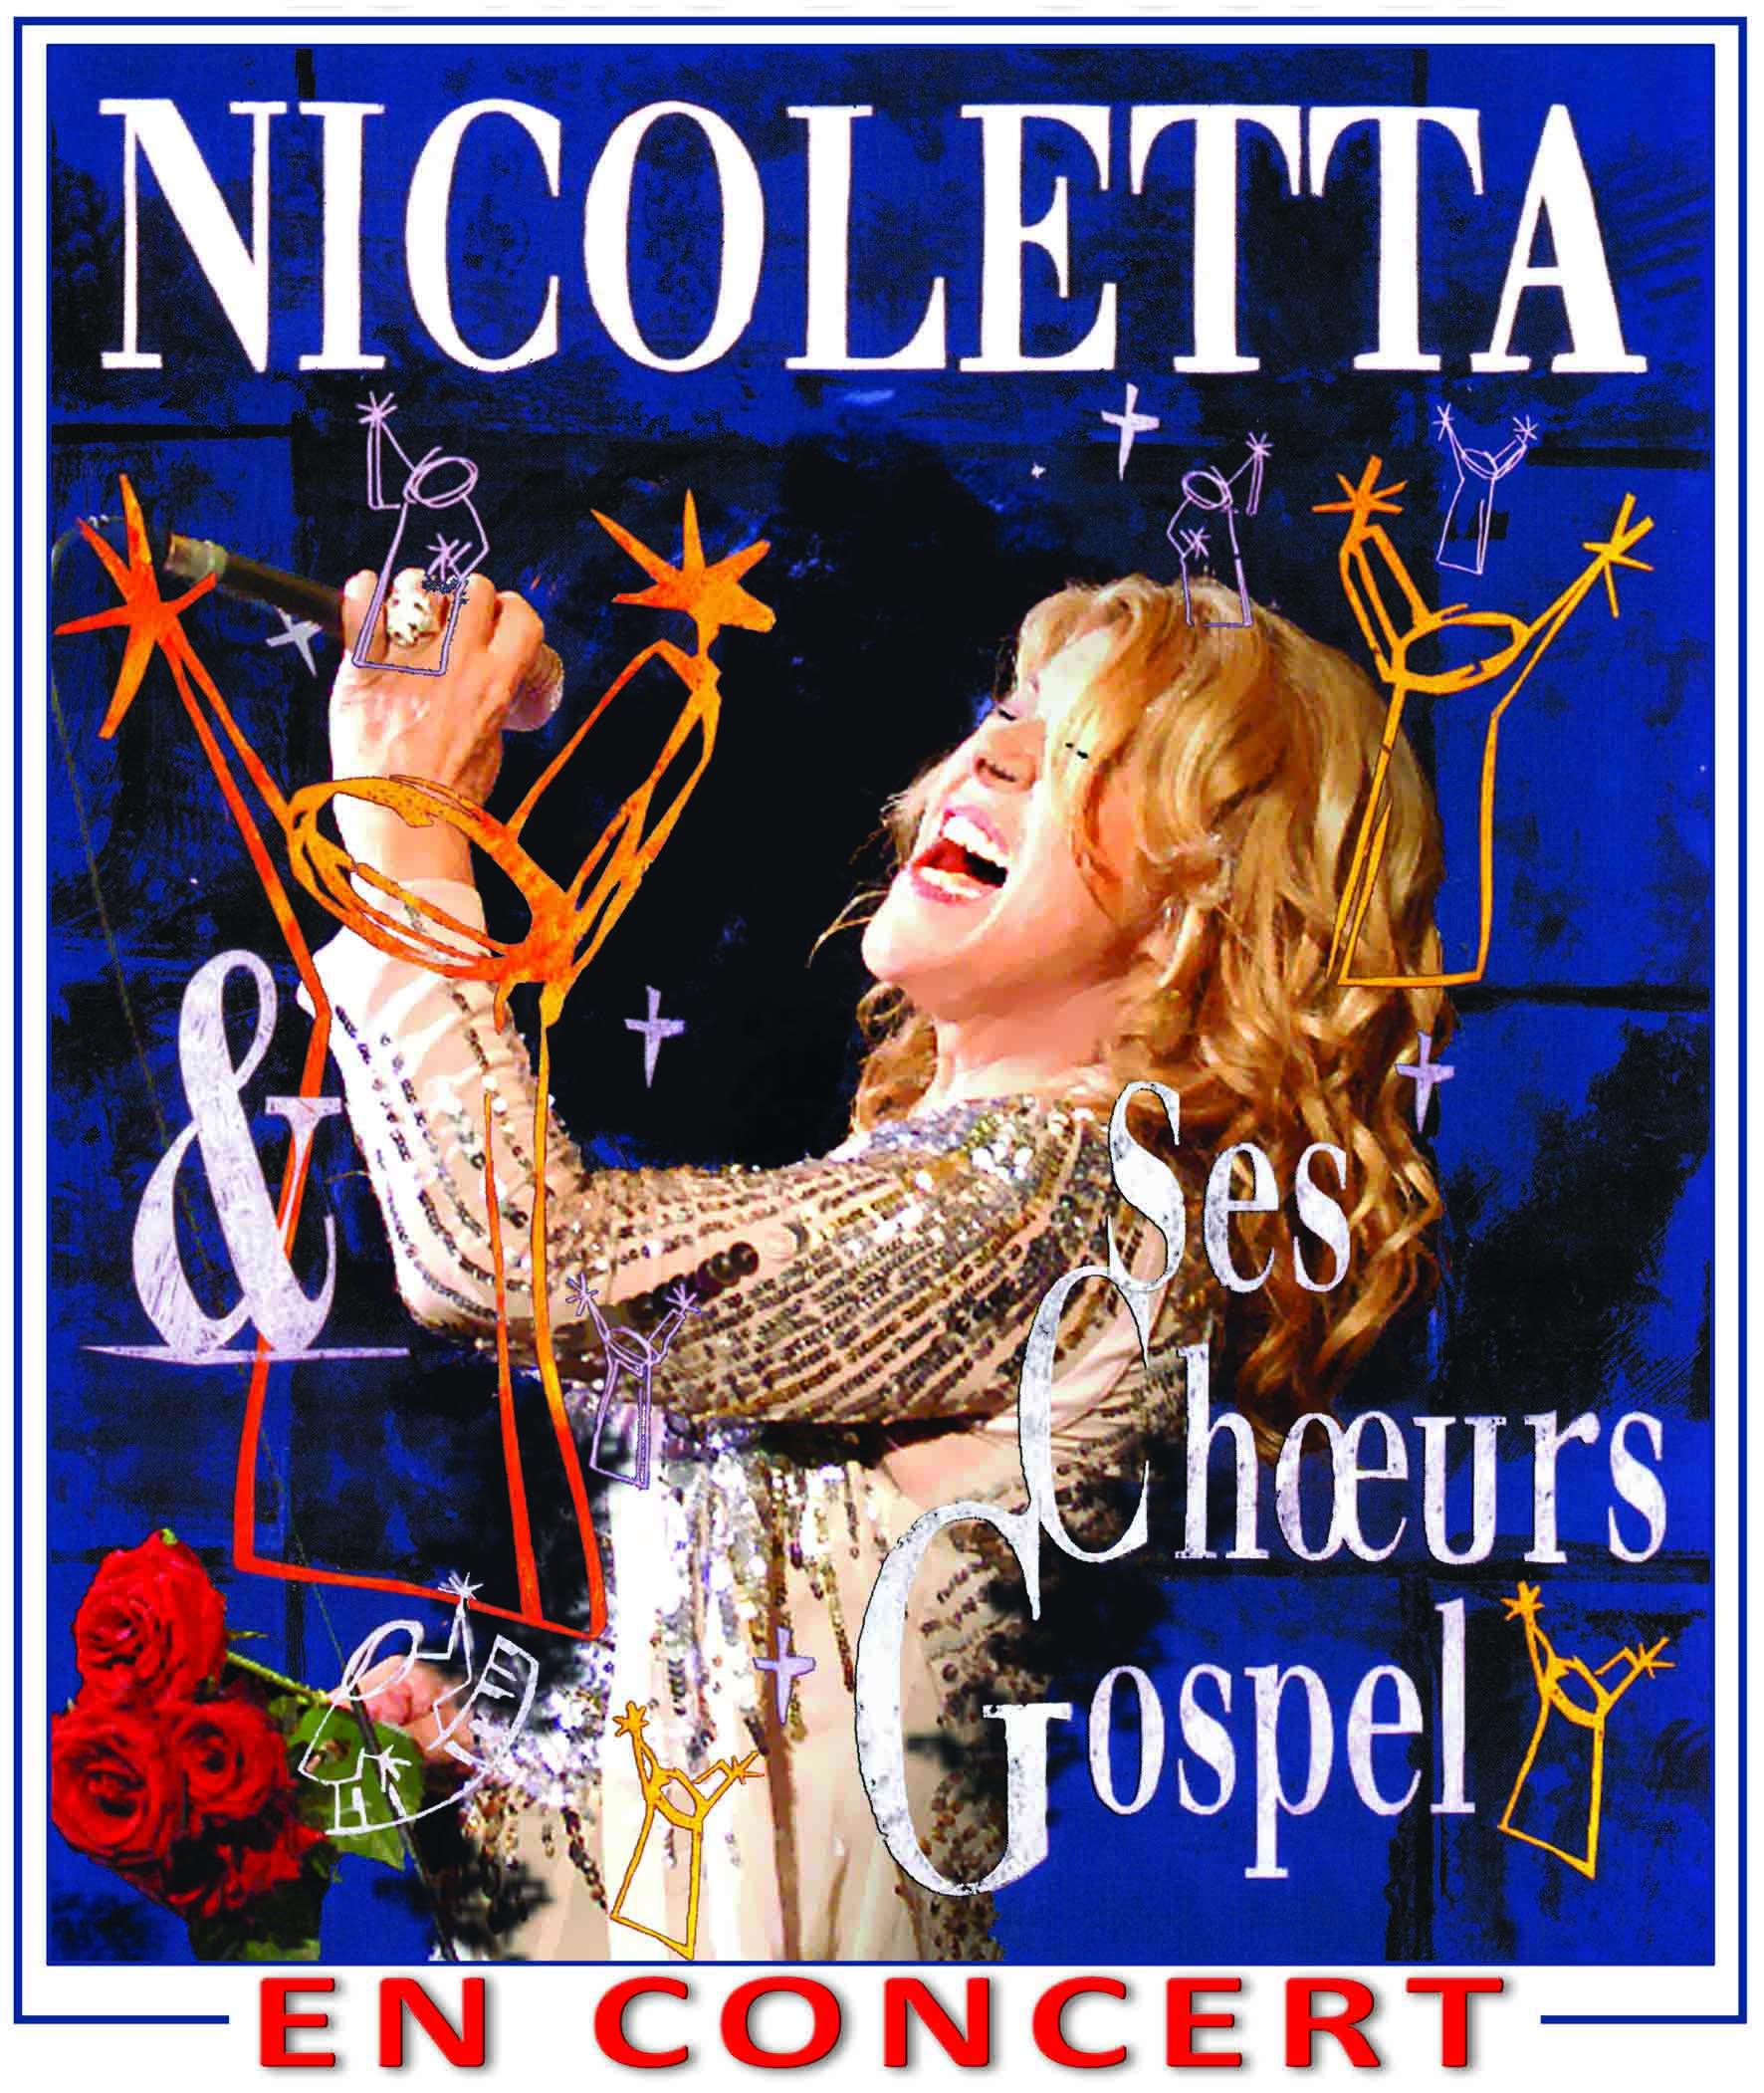 nicoletta-en-concert-rennes-eglise-toussaint-9901